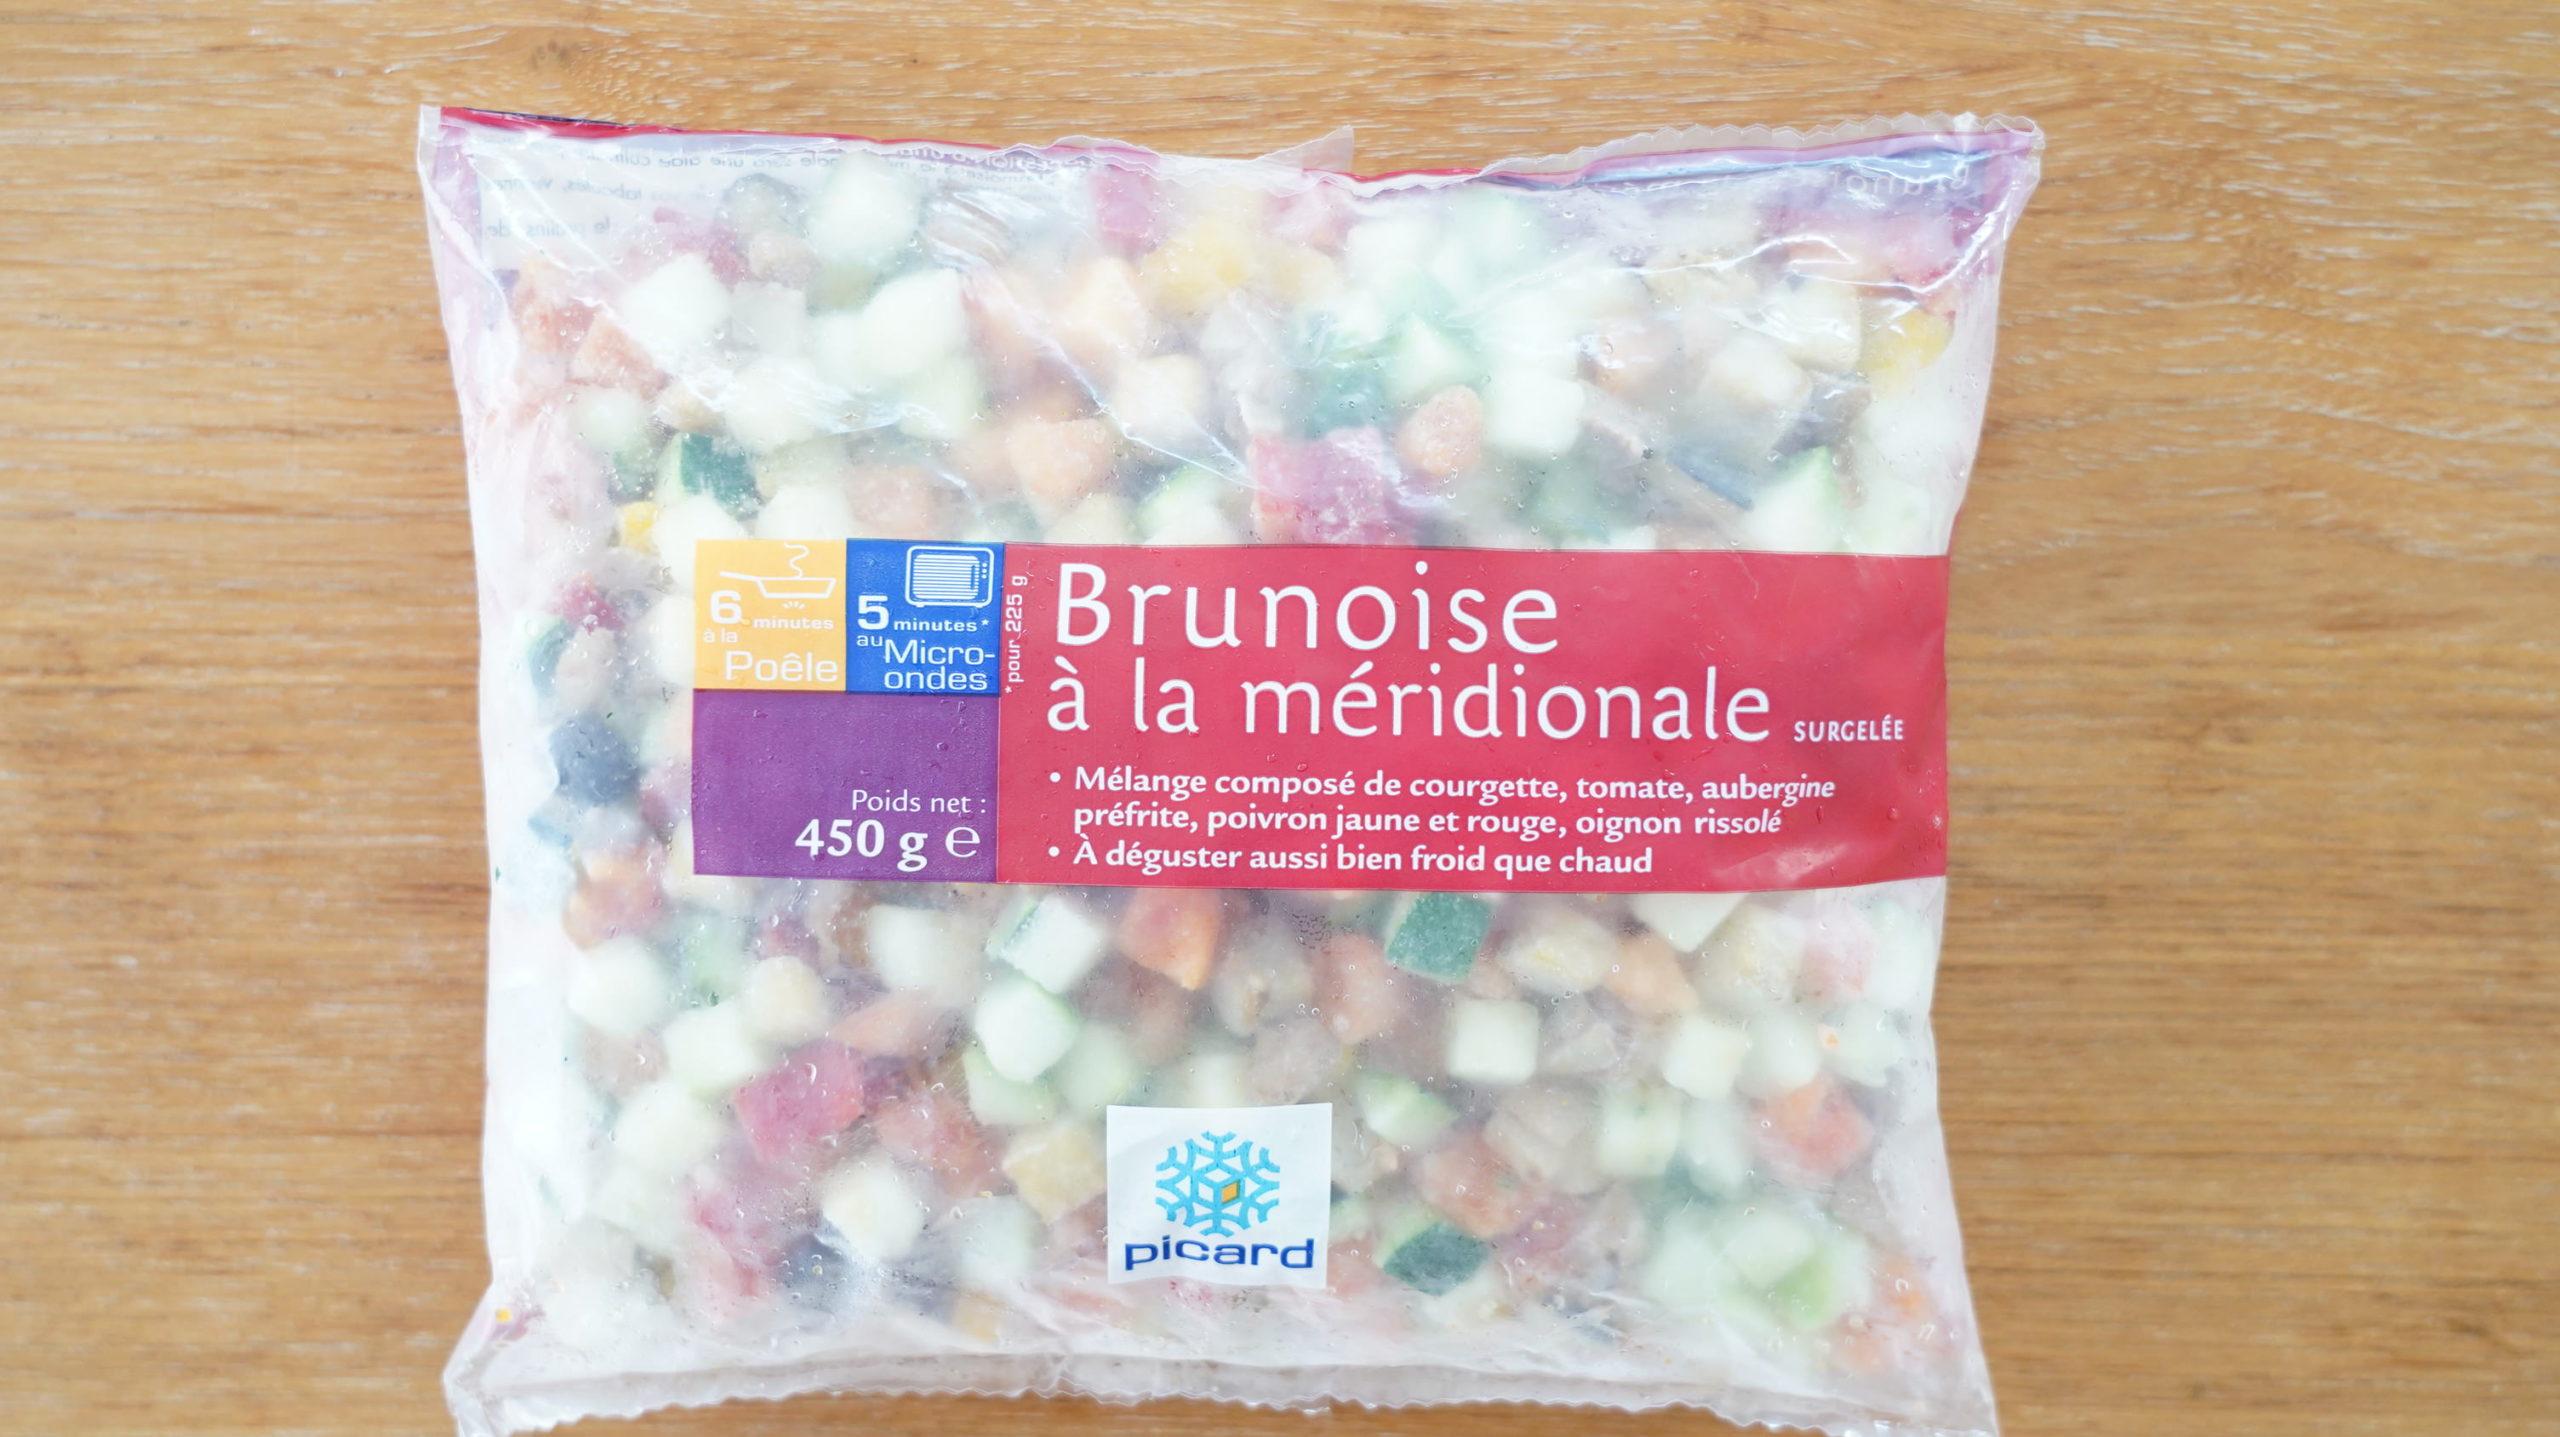 ピカールのおすすめ冷凍食品「南仏野菜の角切り」のパッケージ写真